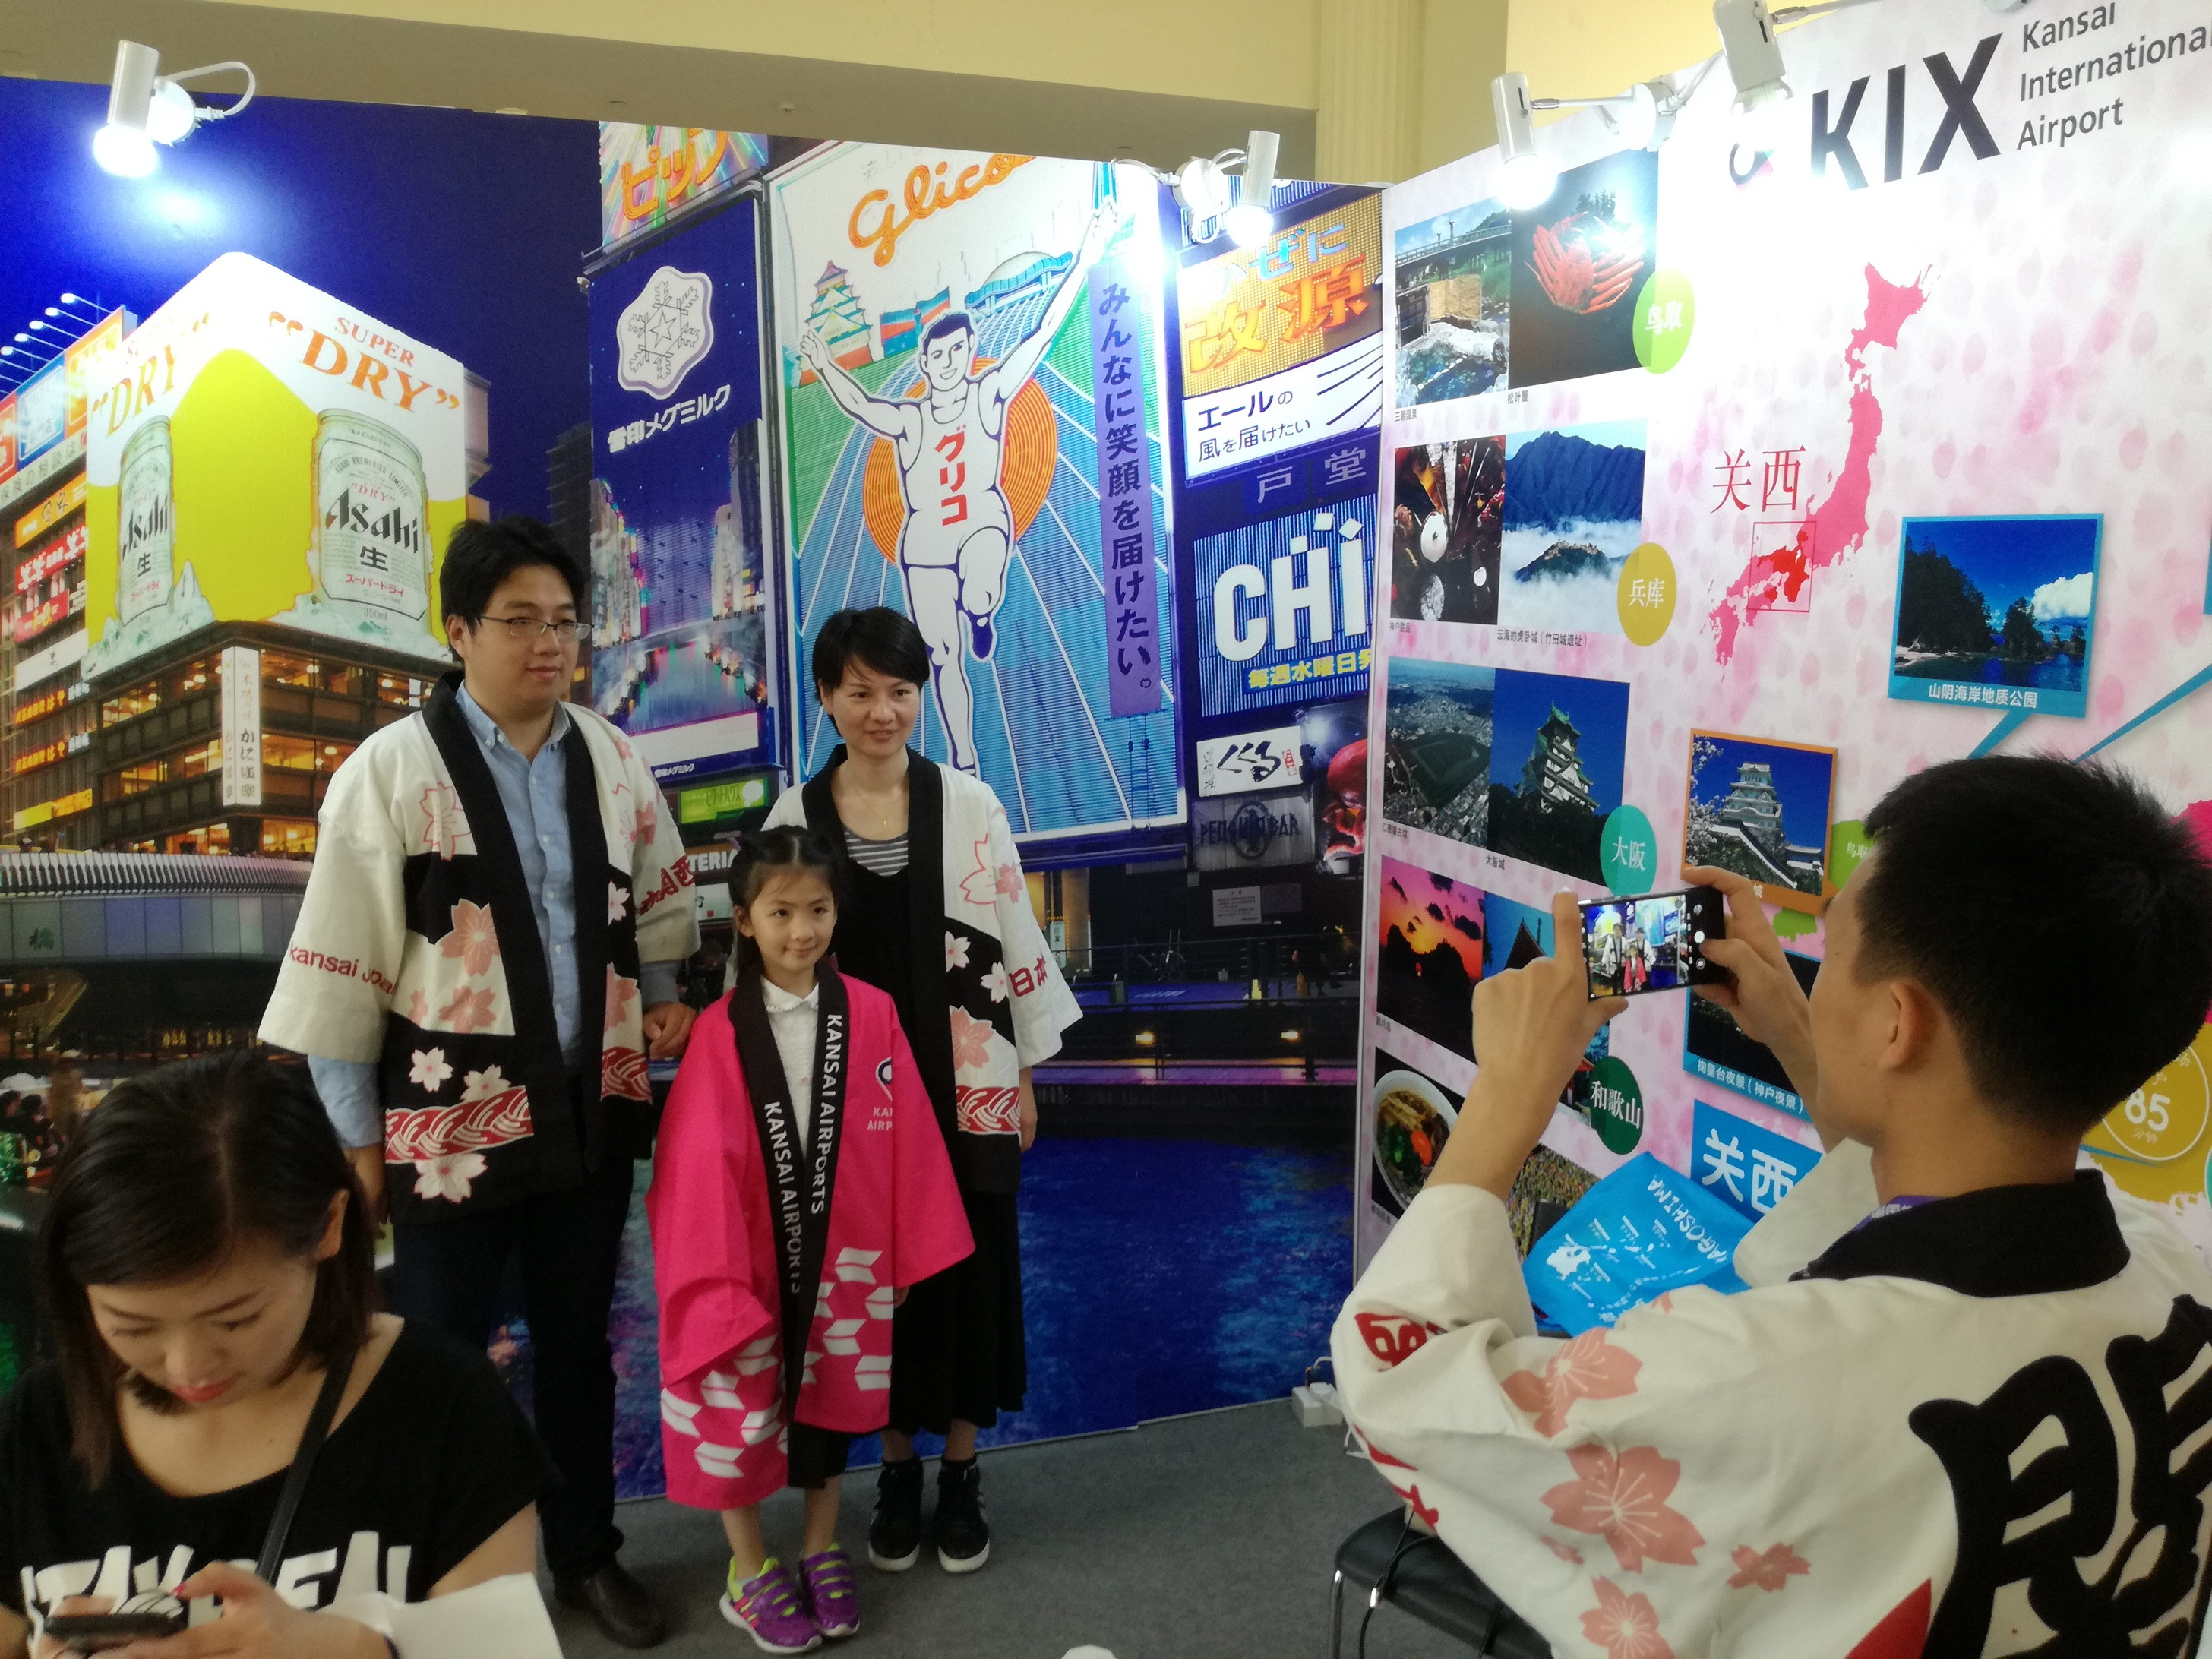 上海世界旅行博覧会(WTF2018)でのKANSAI プロモーションを実施しました SNS発信イベント(道頓堀)